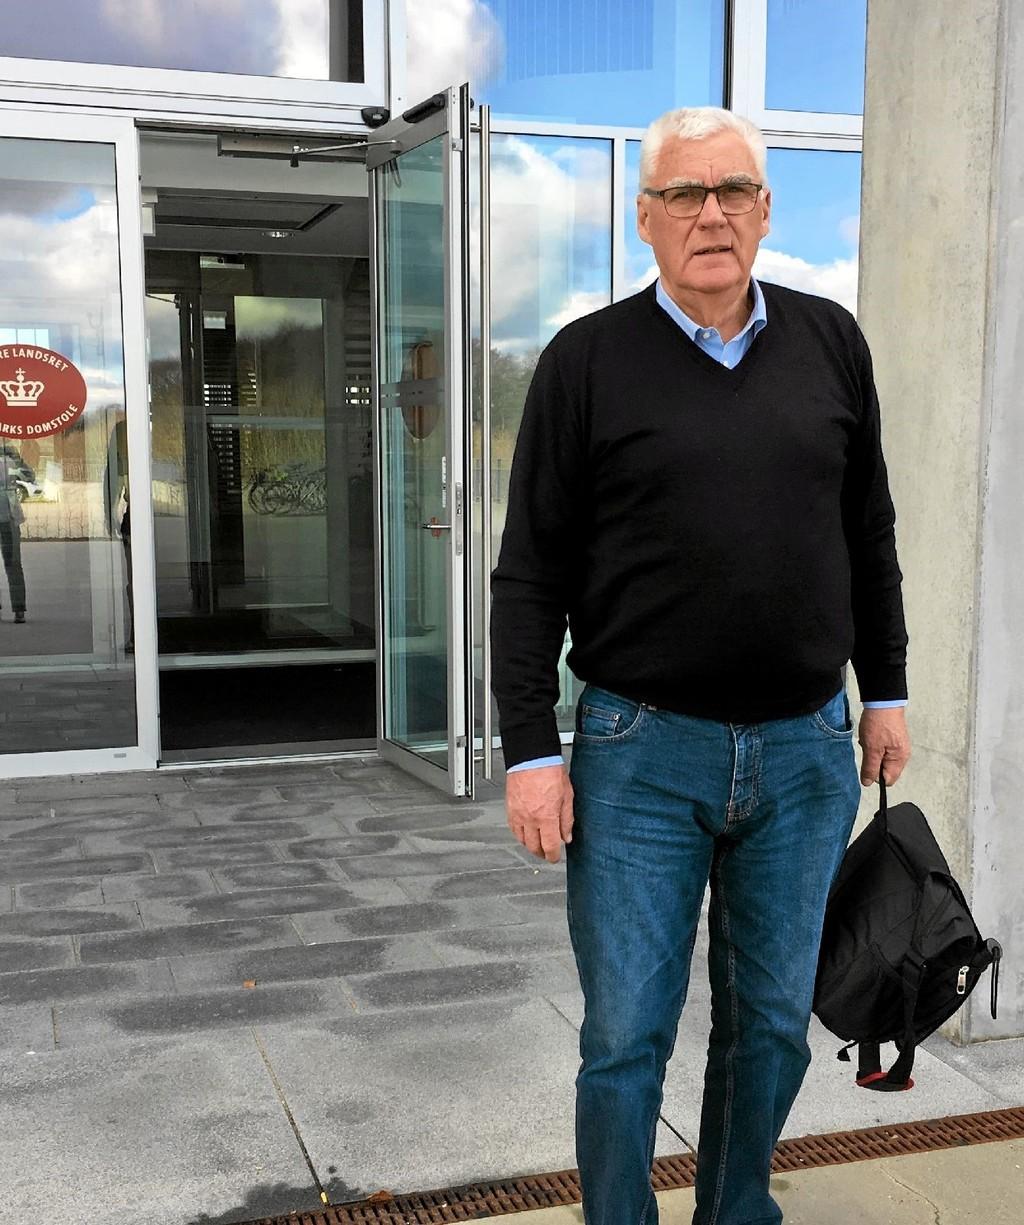 Kristian Andersen foran Vestre Landsret. Nu fortæller han om sine oplevelser. Privatfoto